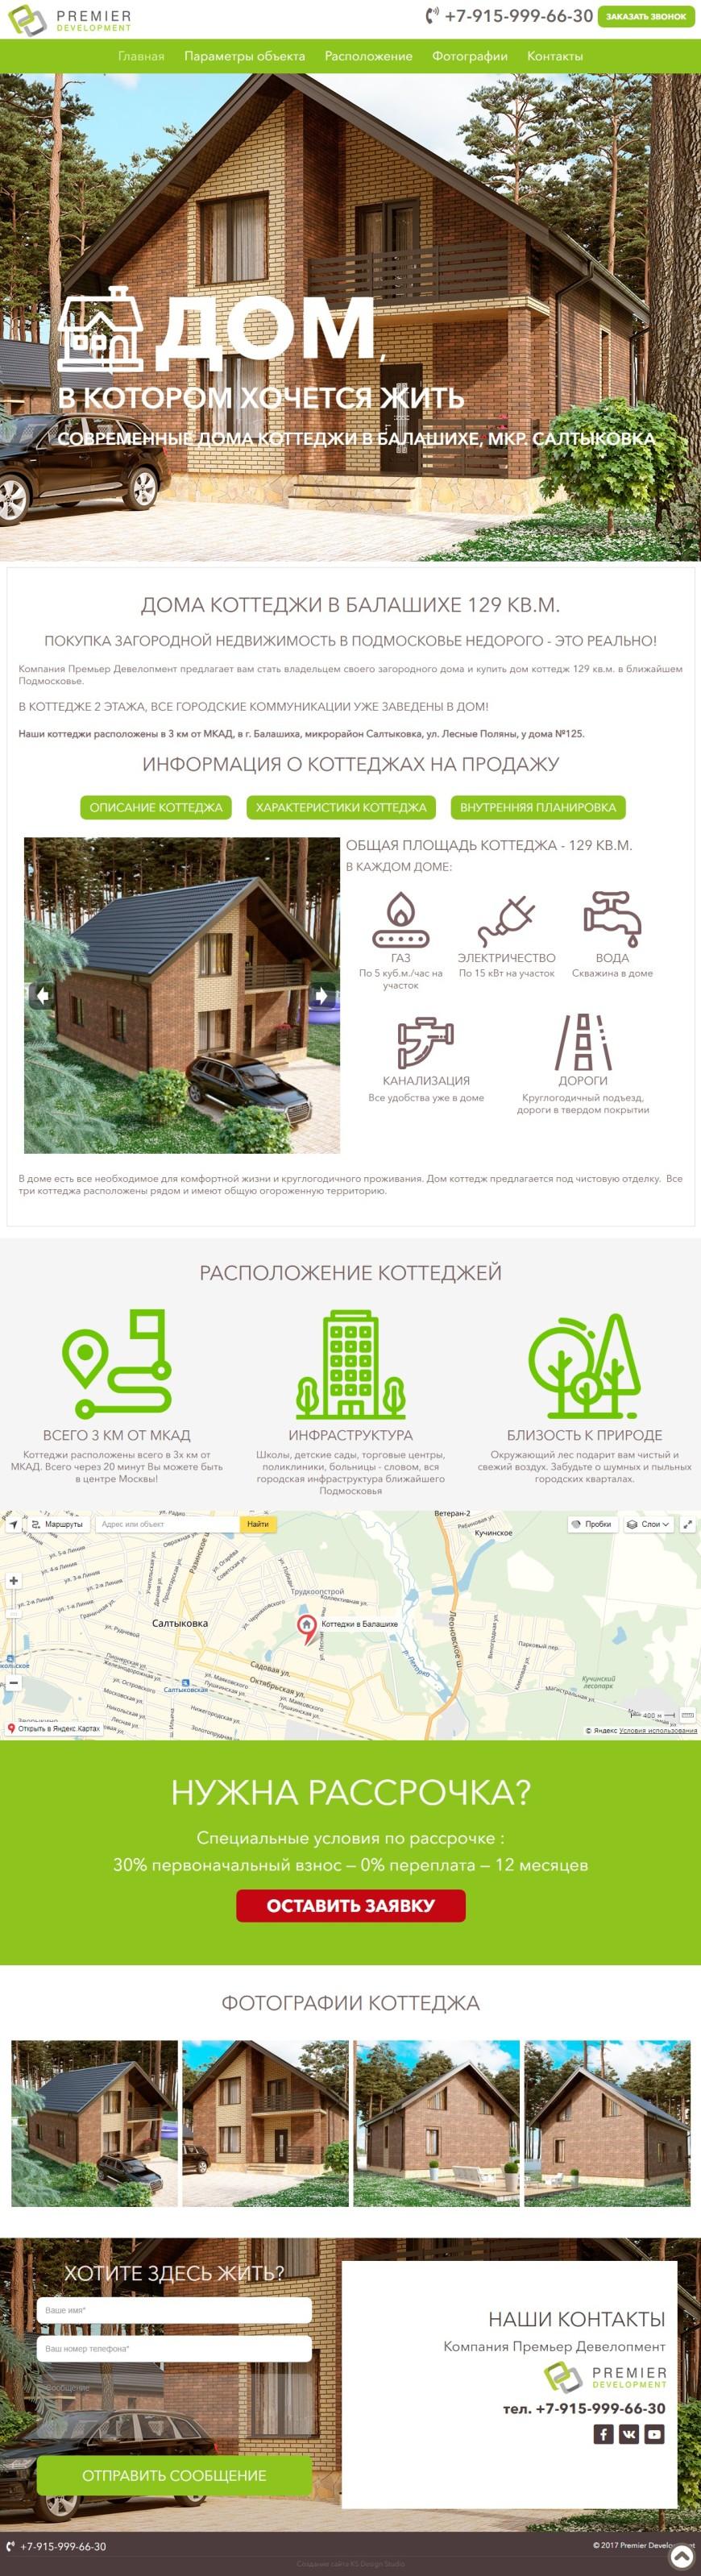 сайт по продаже недвижимости, дизайн сайта по продаже коттеджа, создание сайта коттеджного поселка